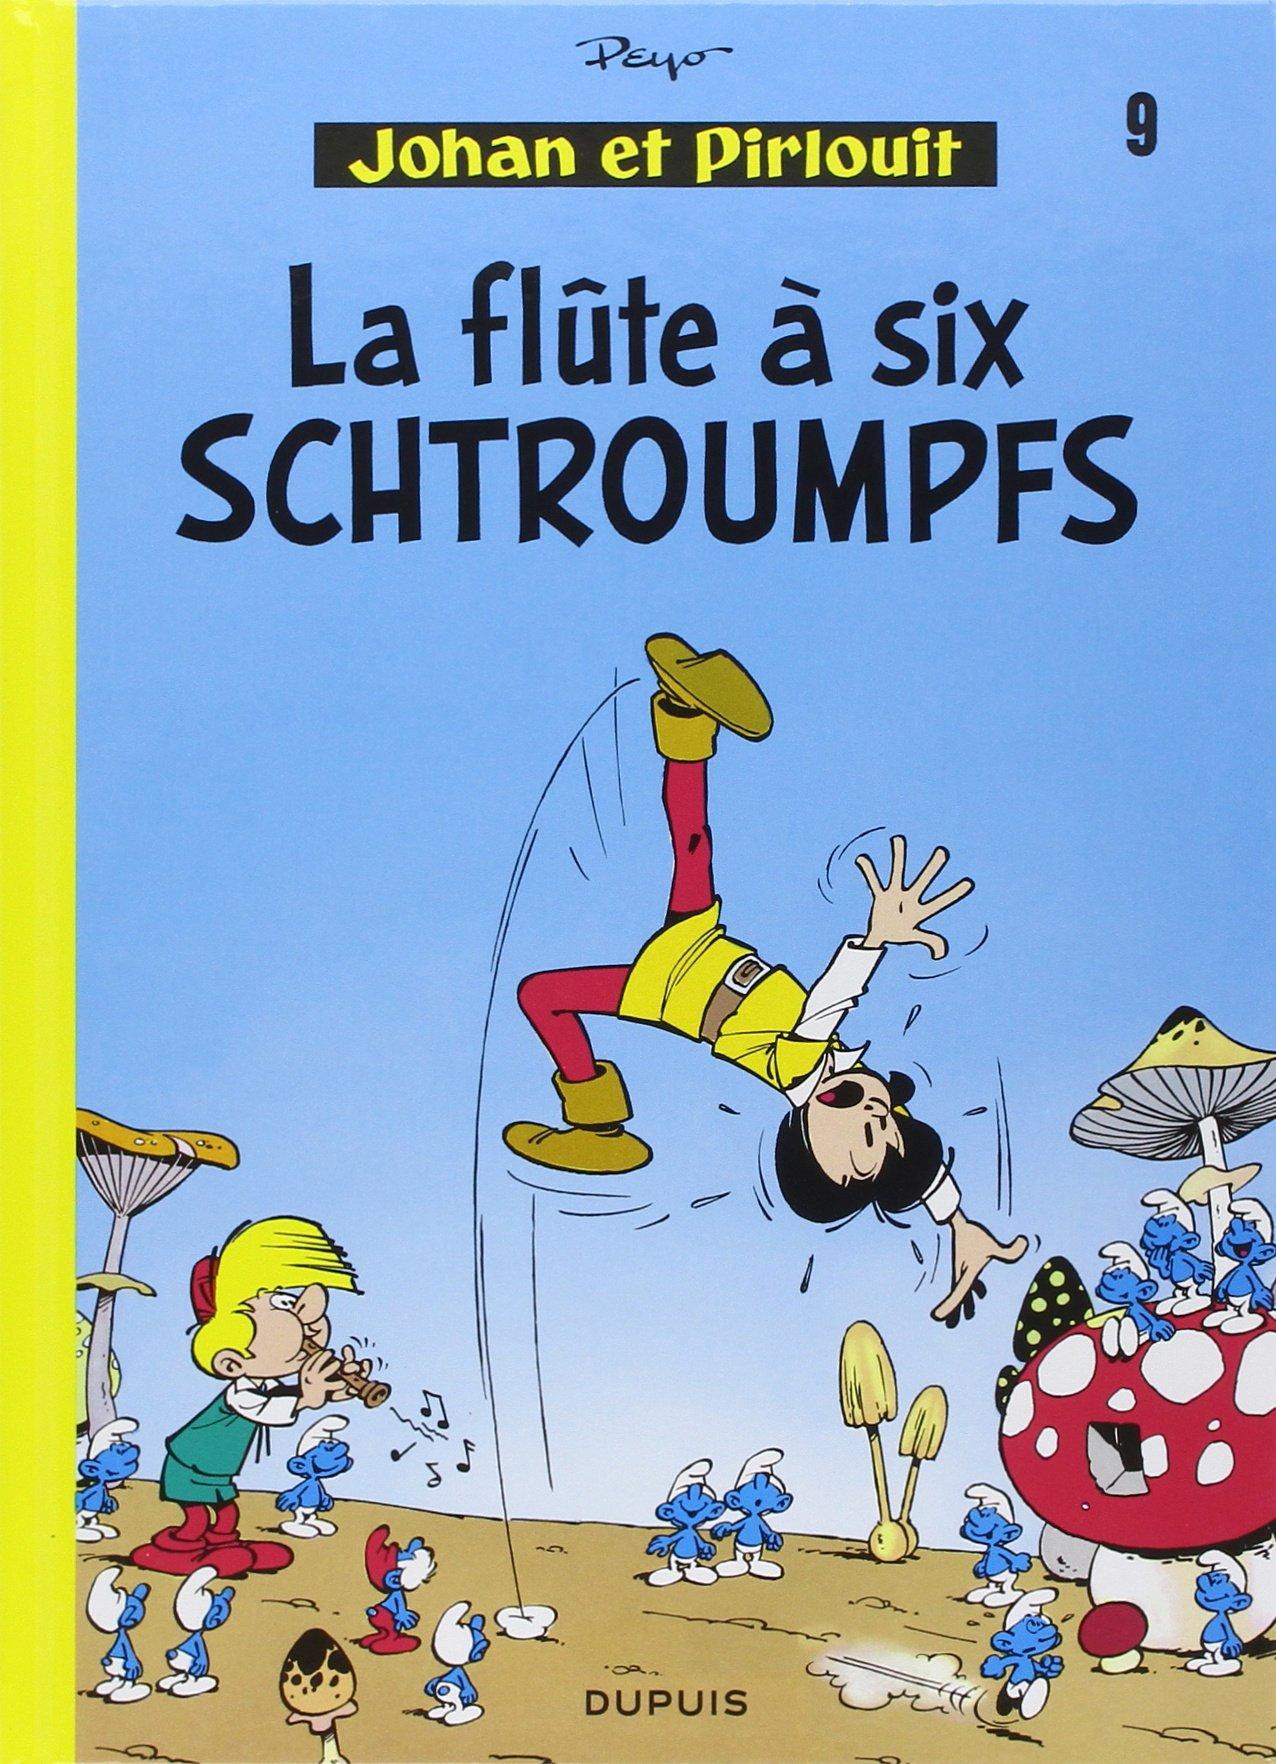 la flute a six schtroumpfs